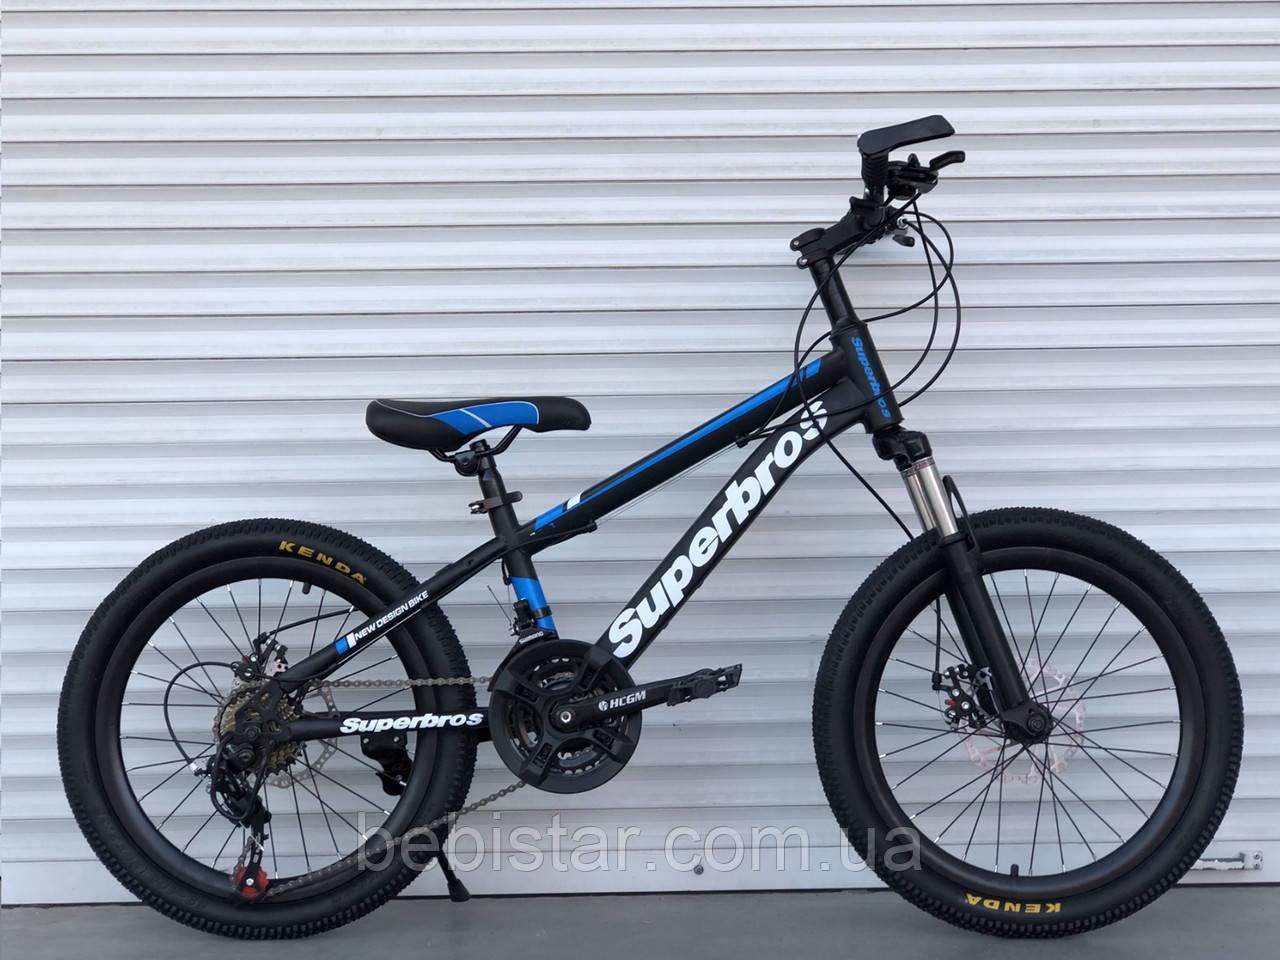 """Дитячий спортивний велосипед TopRider 20 дюймів чорно-синій 21 швидкість металева рама 12"""" з 5 років від 115см"""